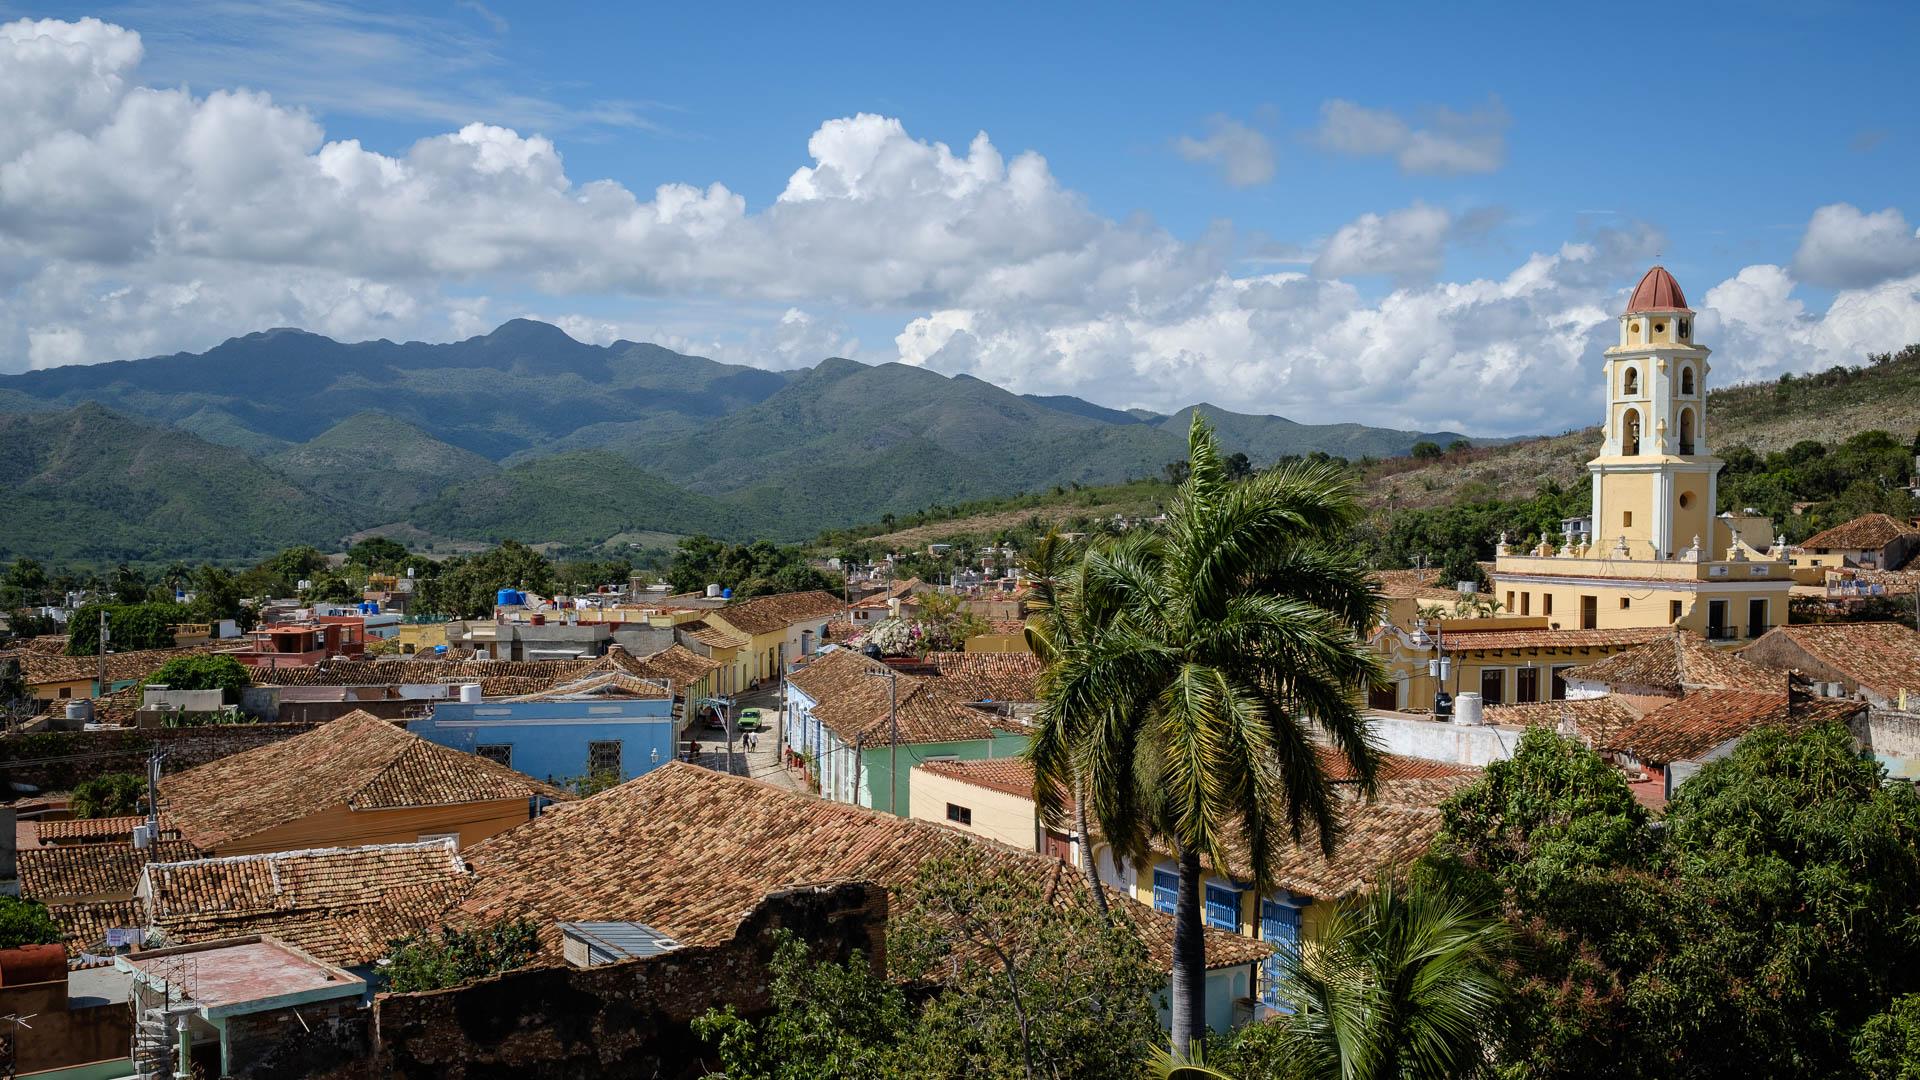 180428-Trinidad-56-1080.jpg